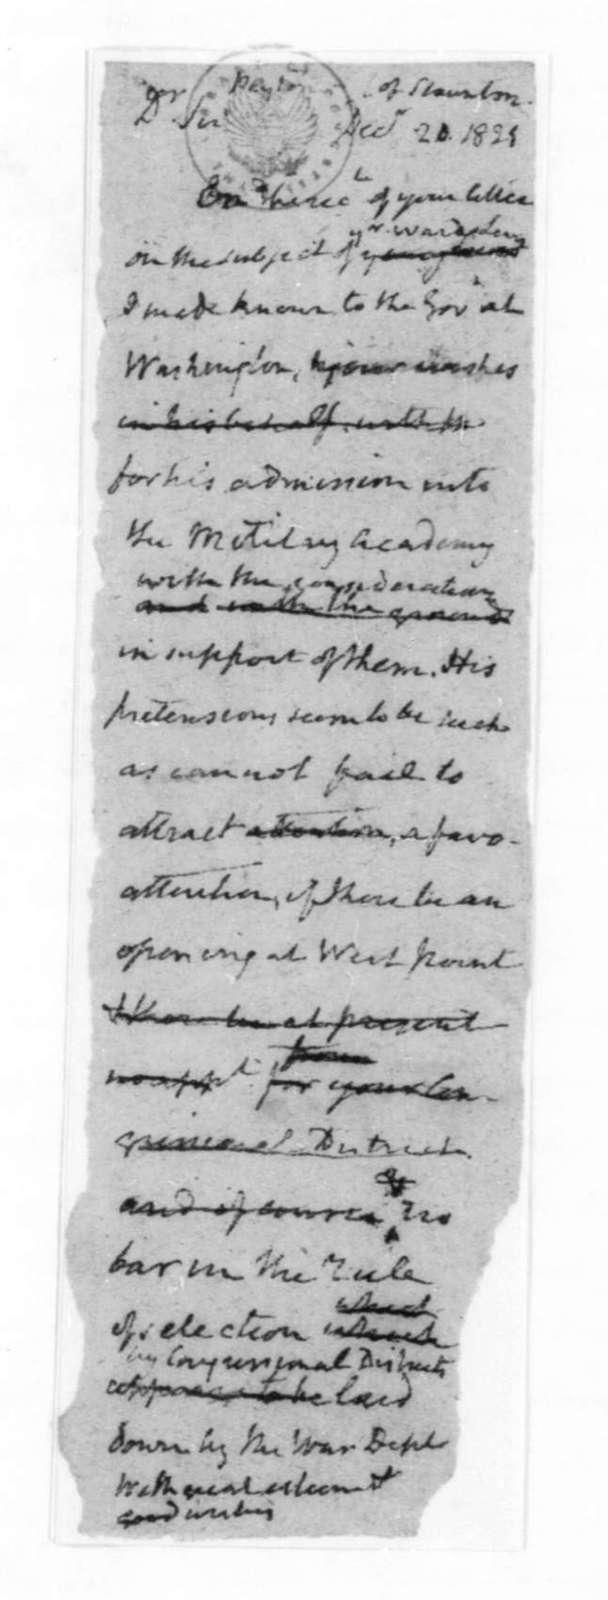 James Madison to Peyton, December 20, 1825.